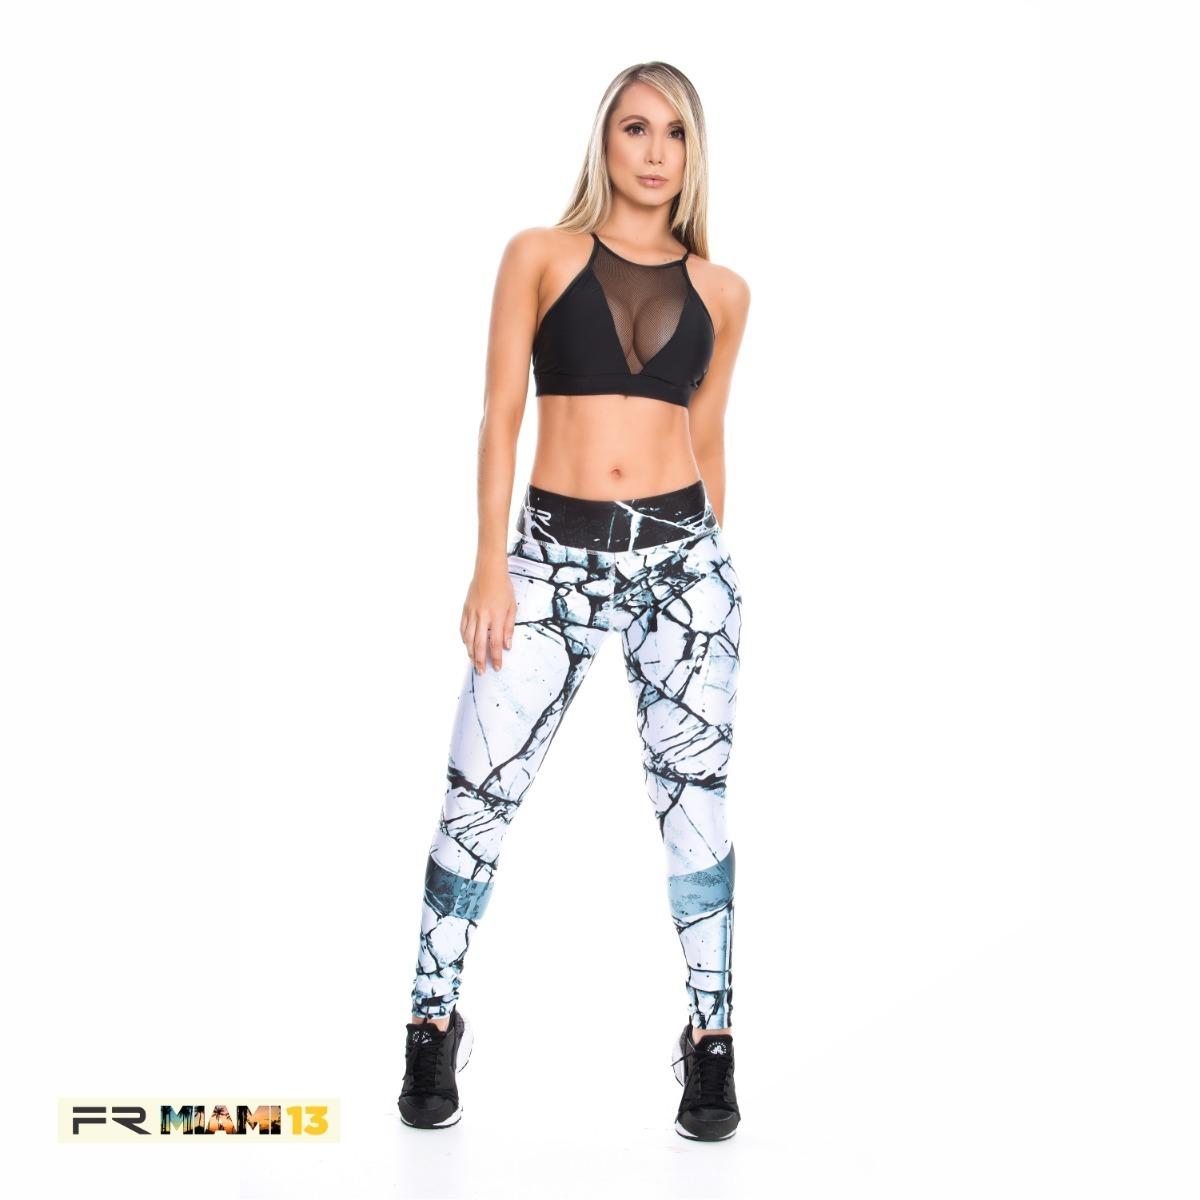 Cargando zoom... leggins fiber ropa deportiva colombiana leggings malla  lycra 3e94ca9a66fb1